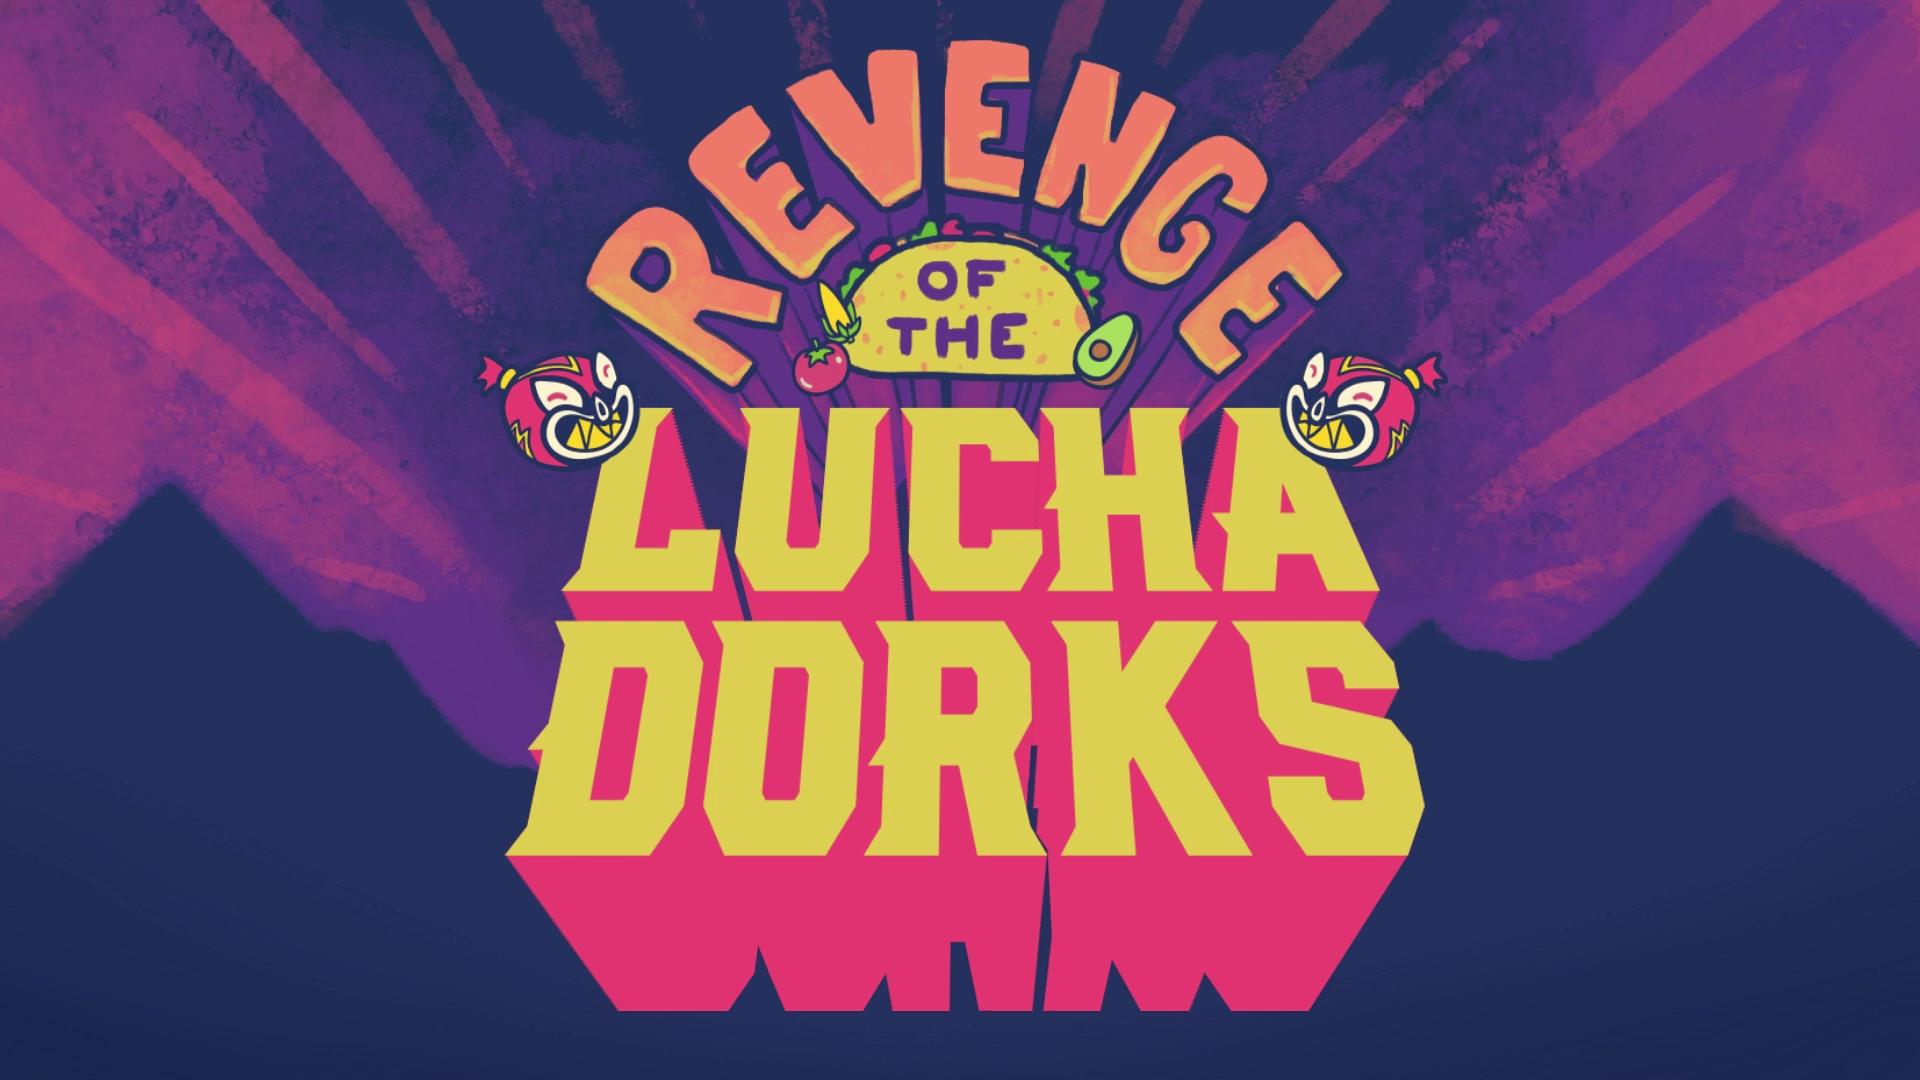 Revenge of the Luchadorks